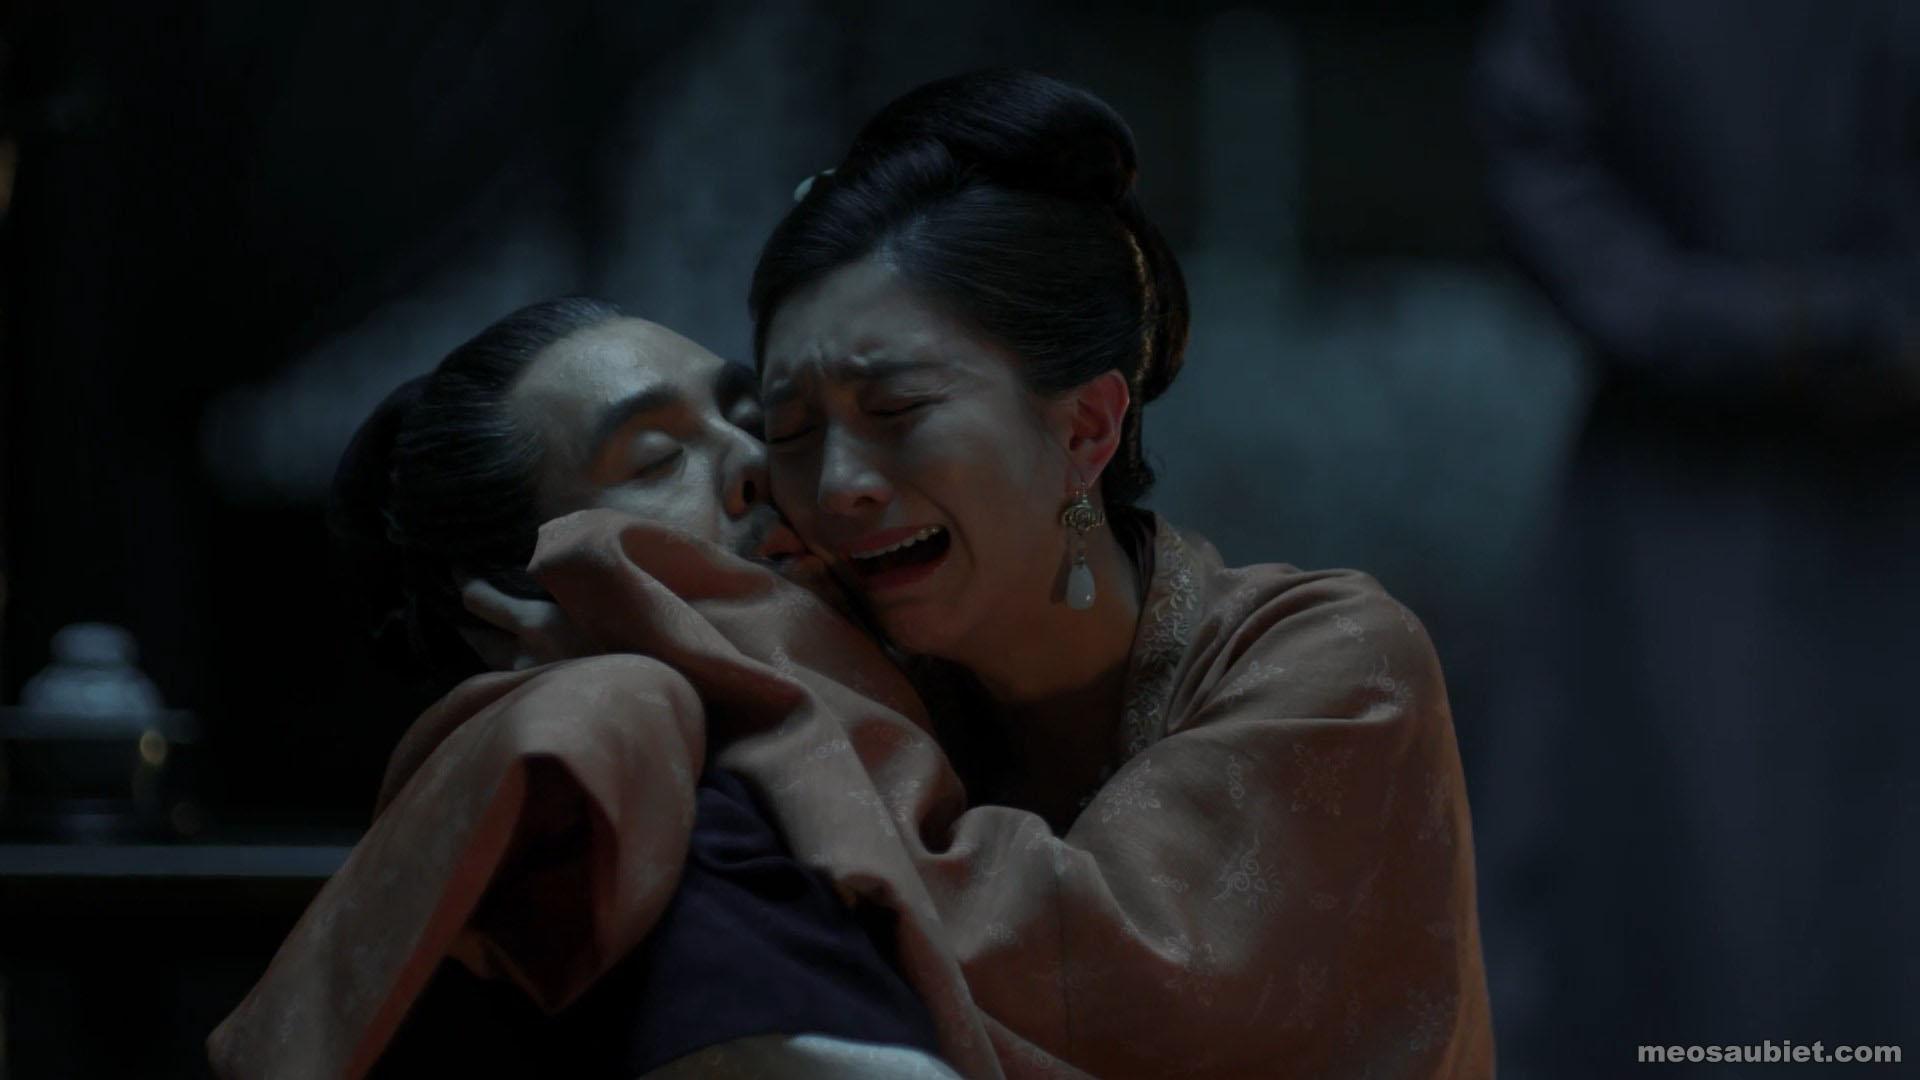 Thanh Bình Nhạc 2020 Giang Sơ Ảnh trong vai Tào hoàng hậu